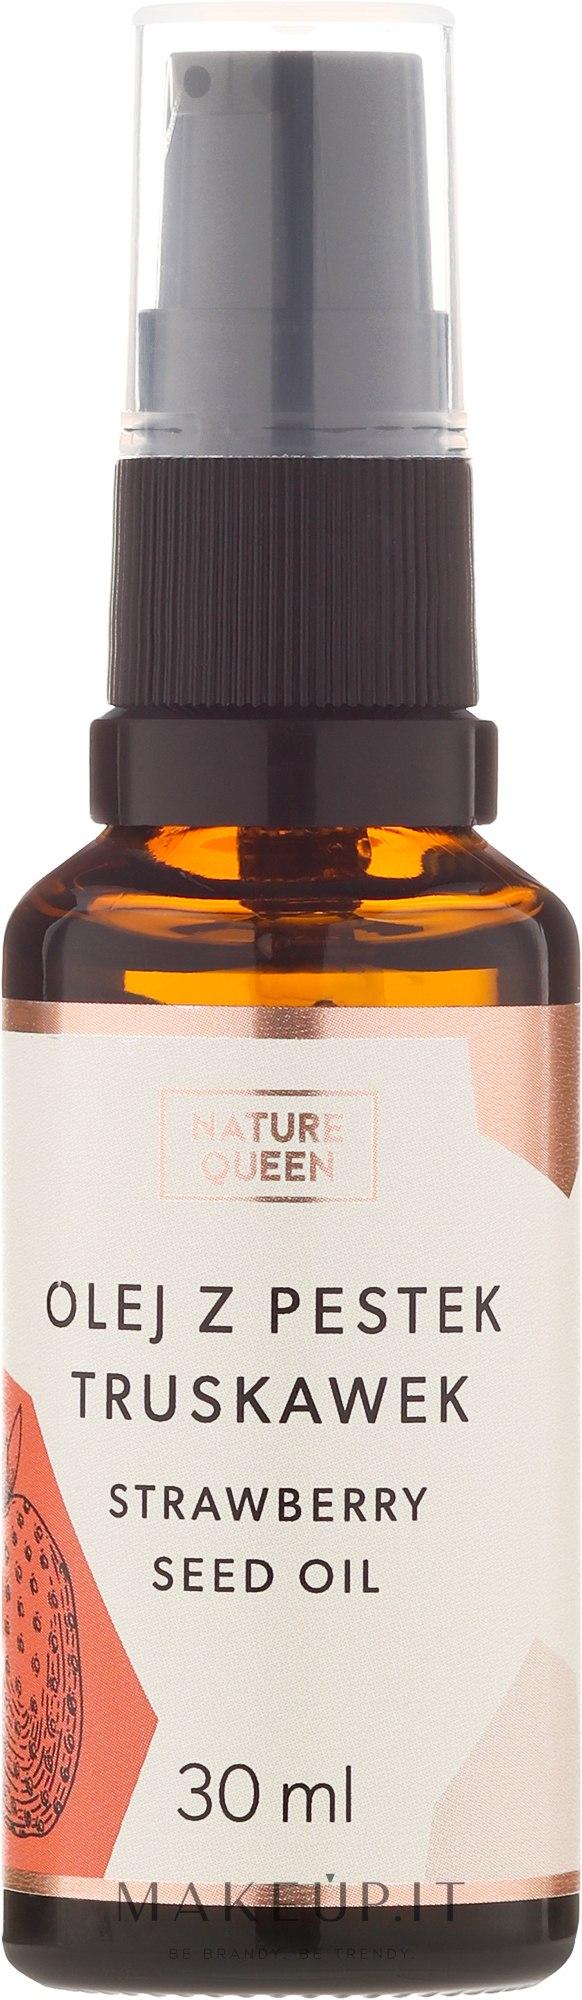 Olio di semi di fragola - Nature Queen Strawberry Seed Oil — foto 30 ml